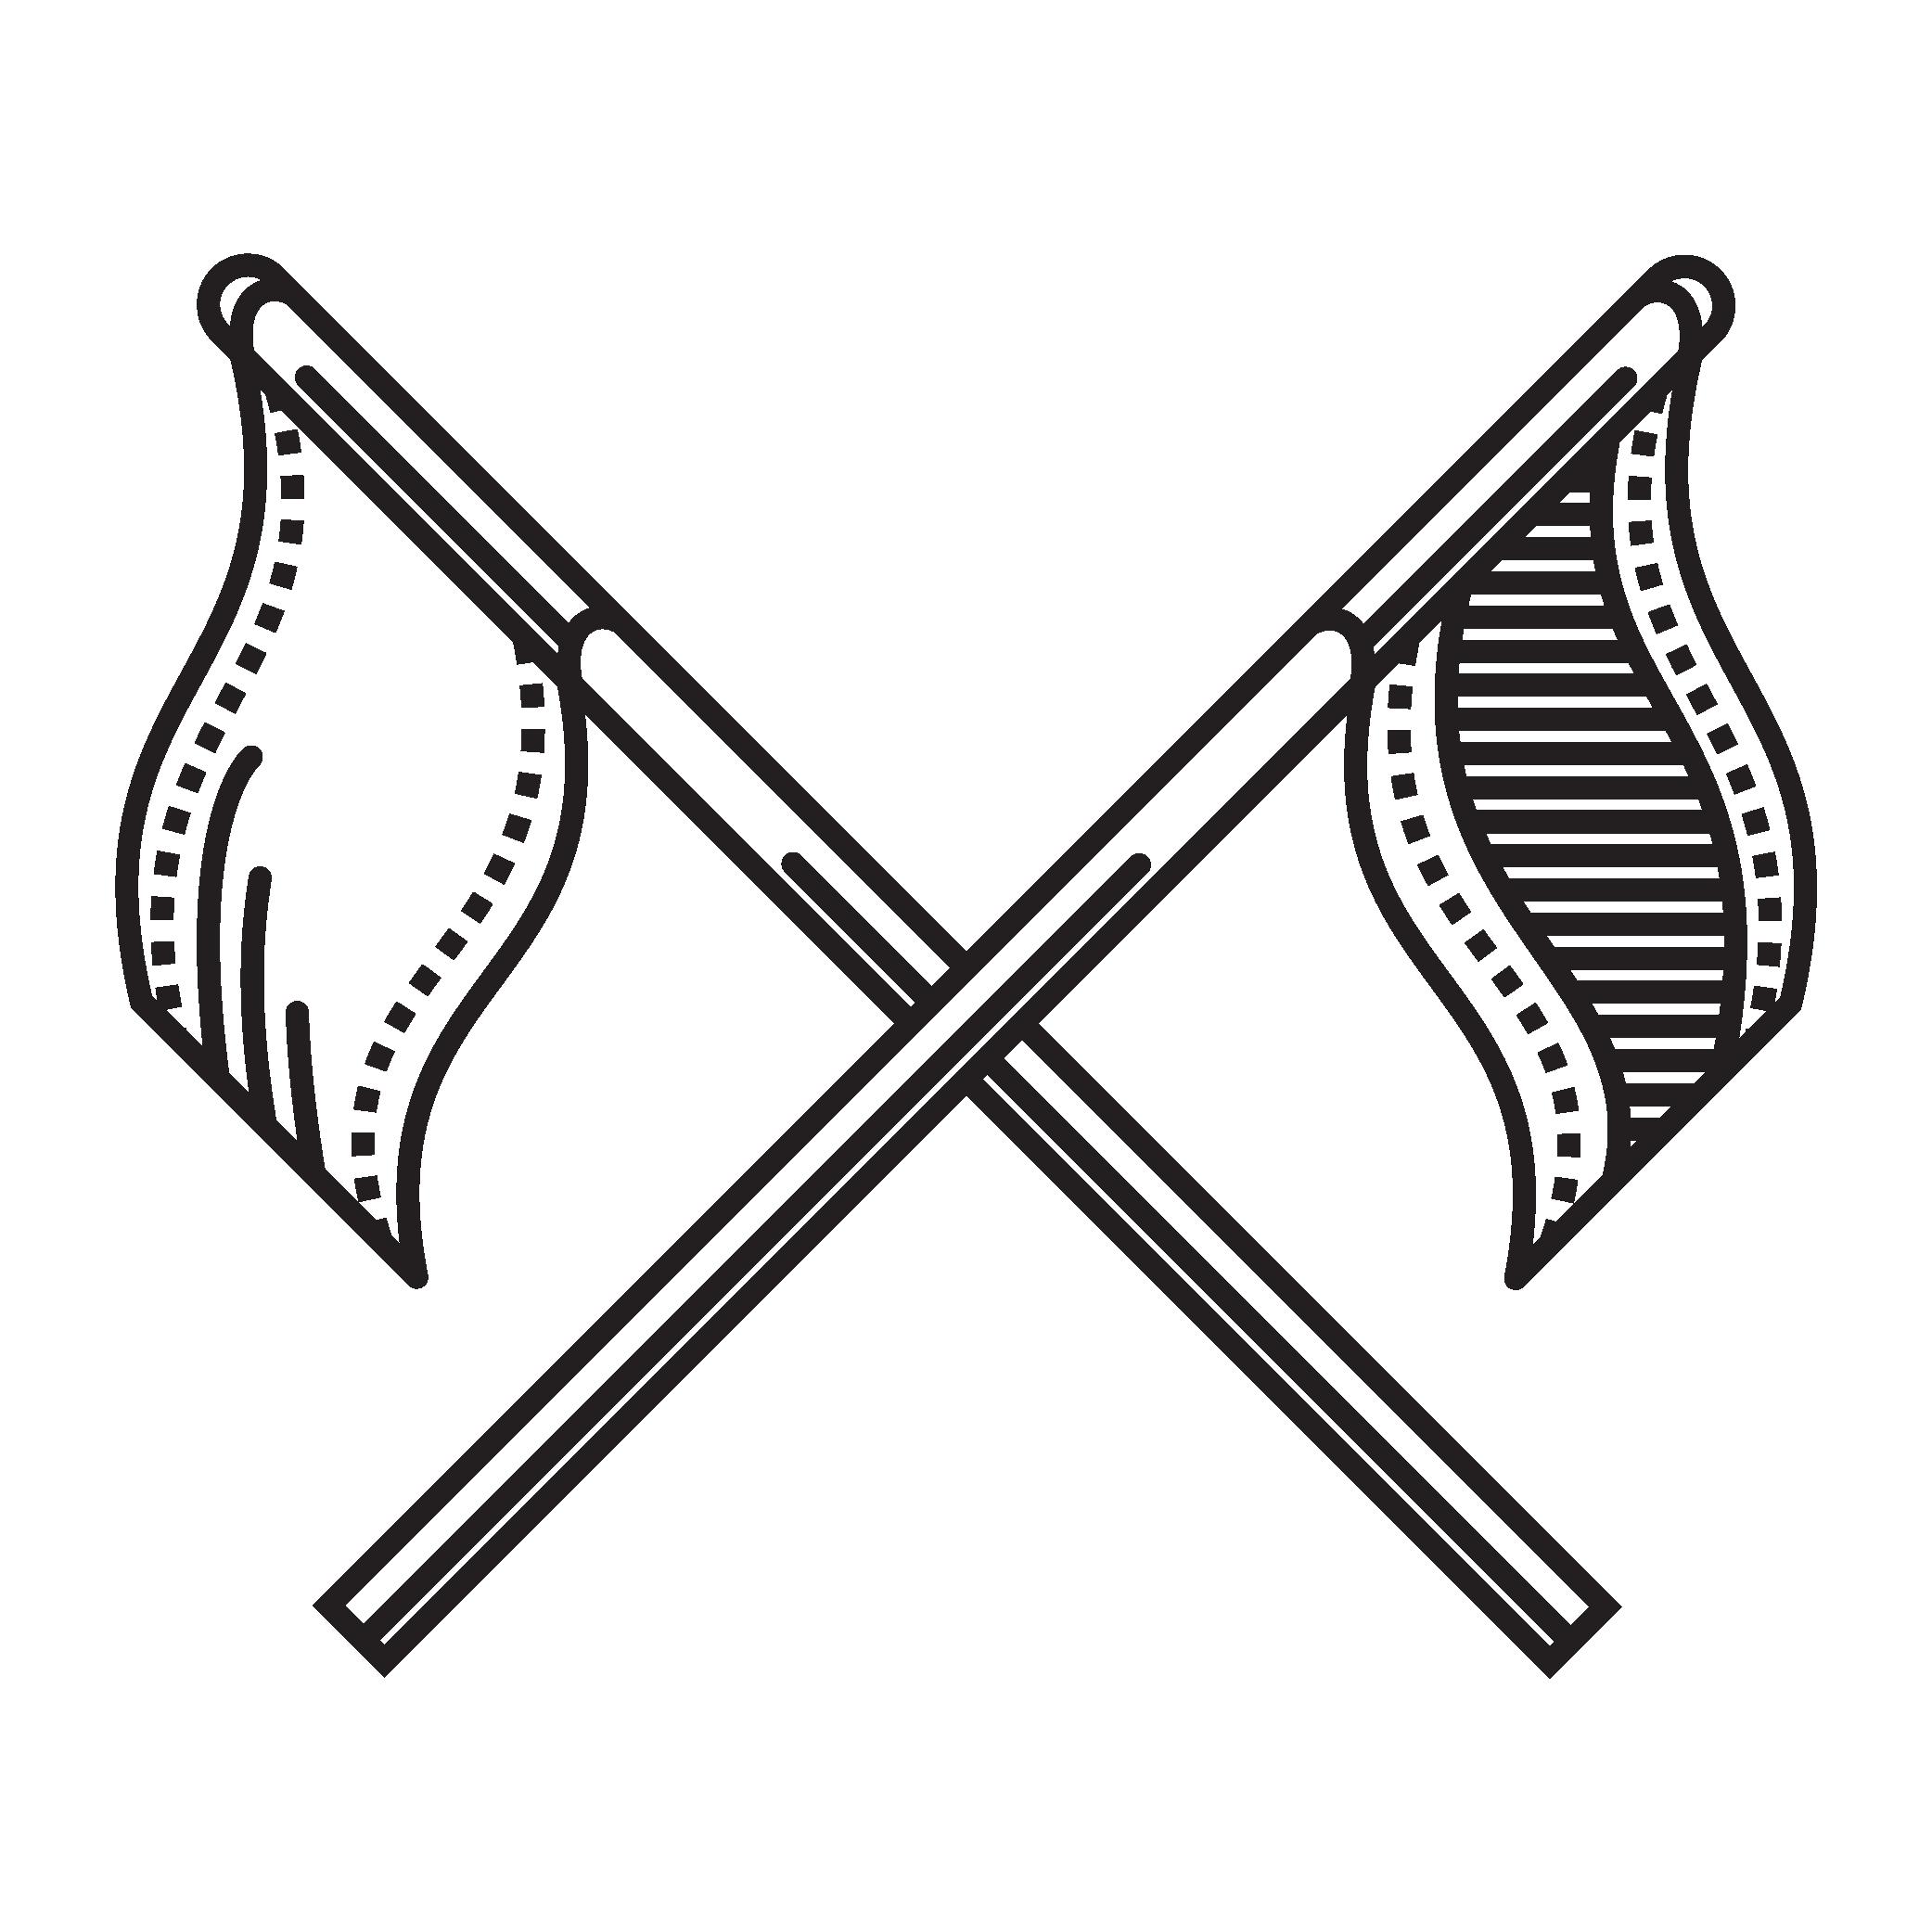 Σημαιες και διακριτικα ομαδων